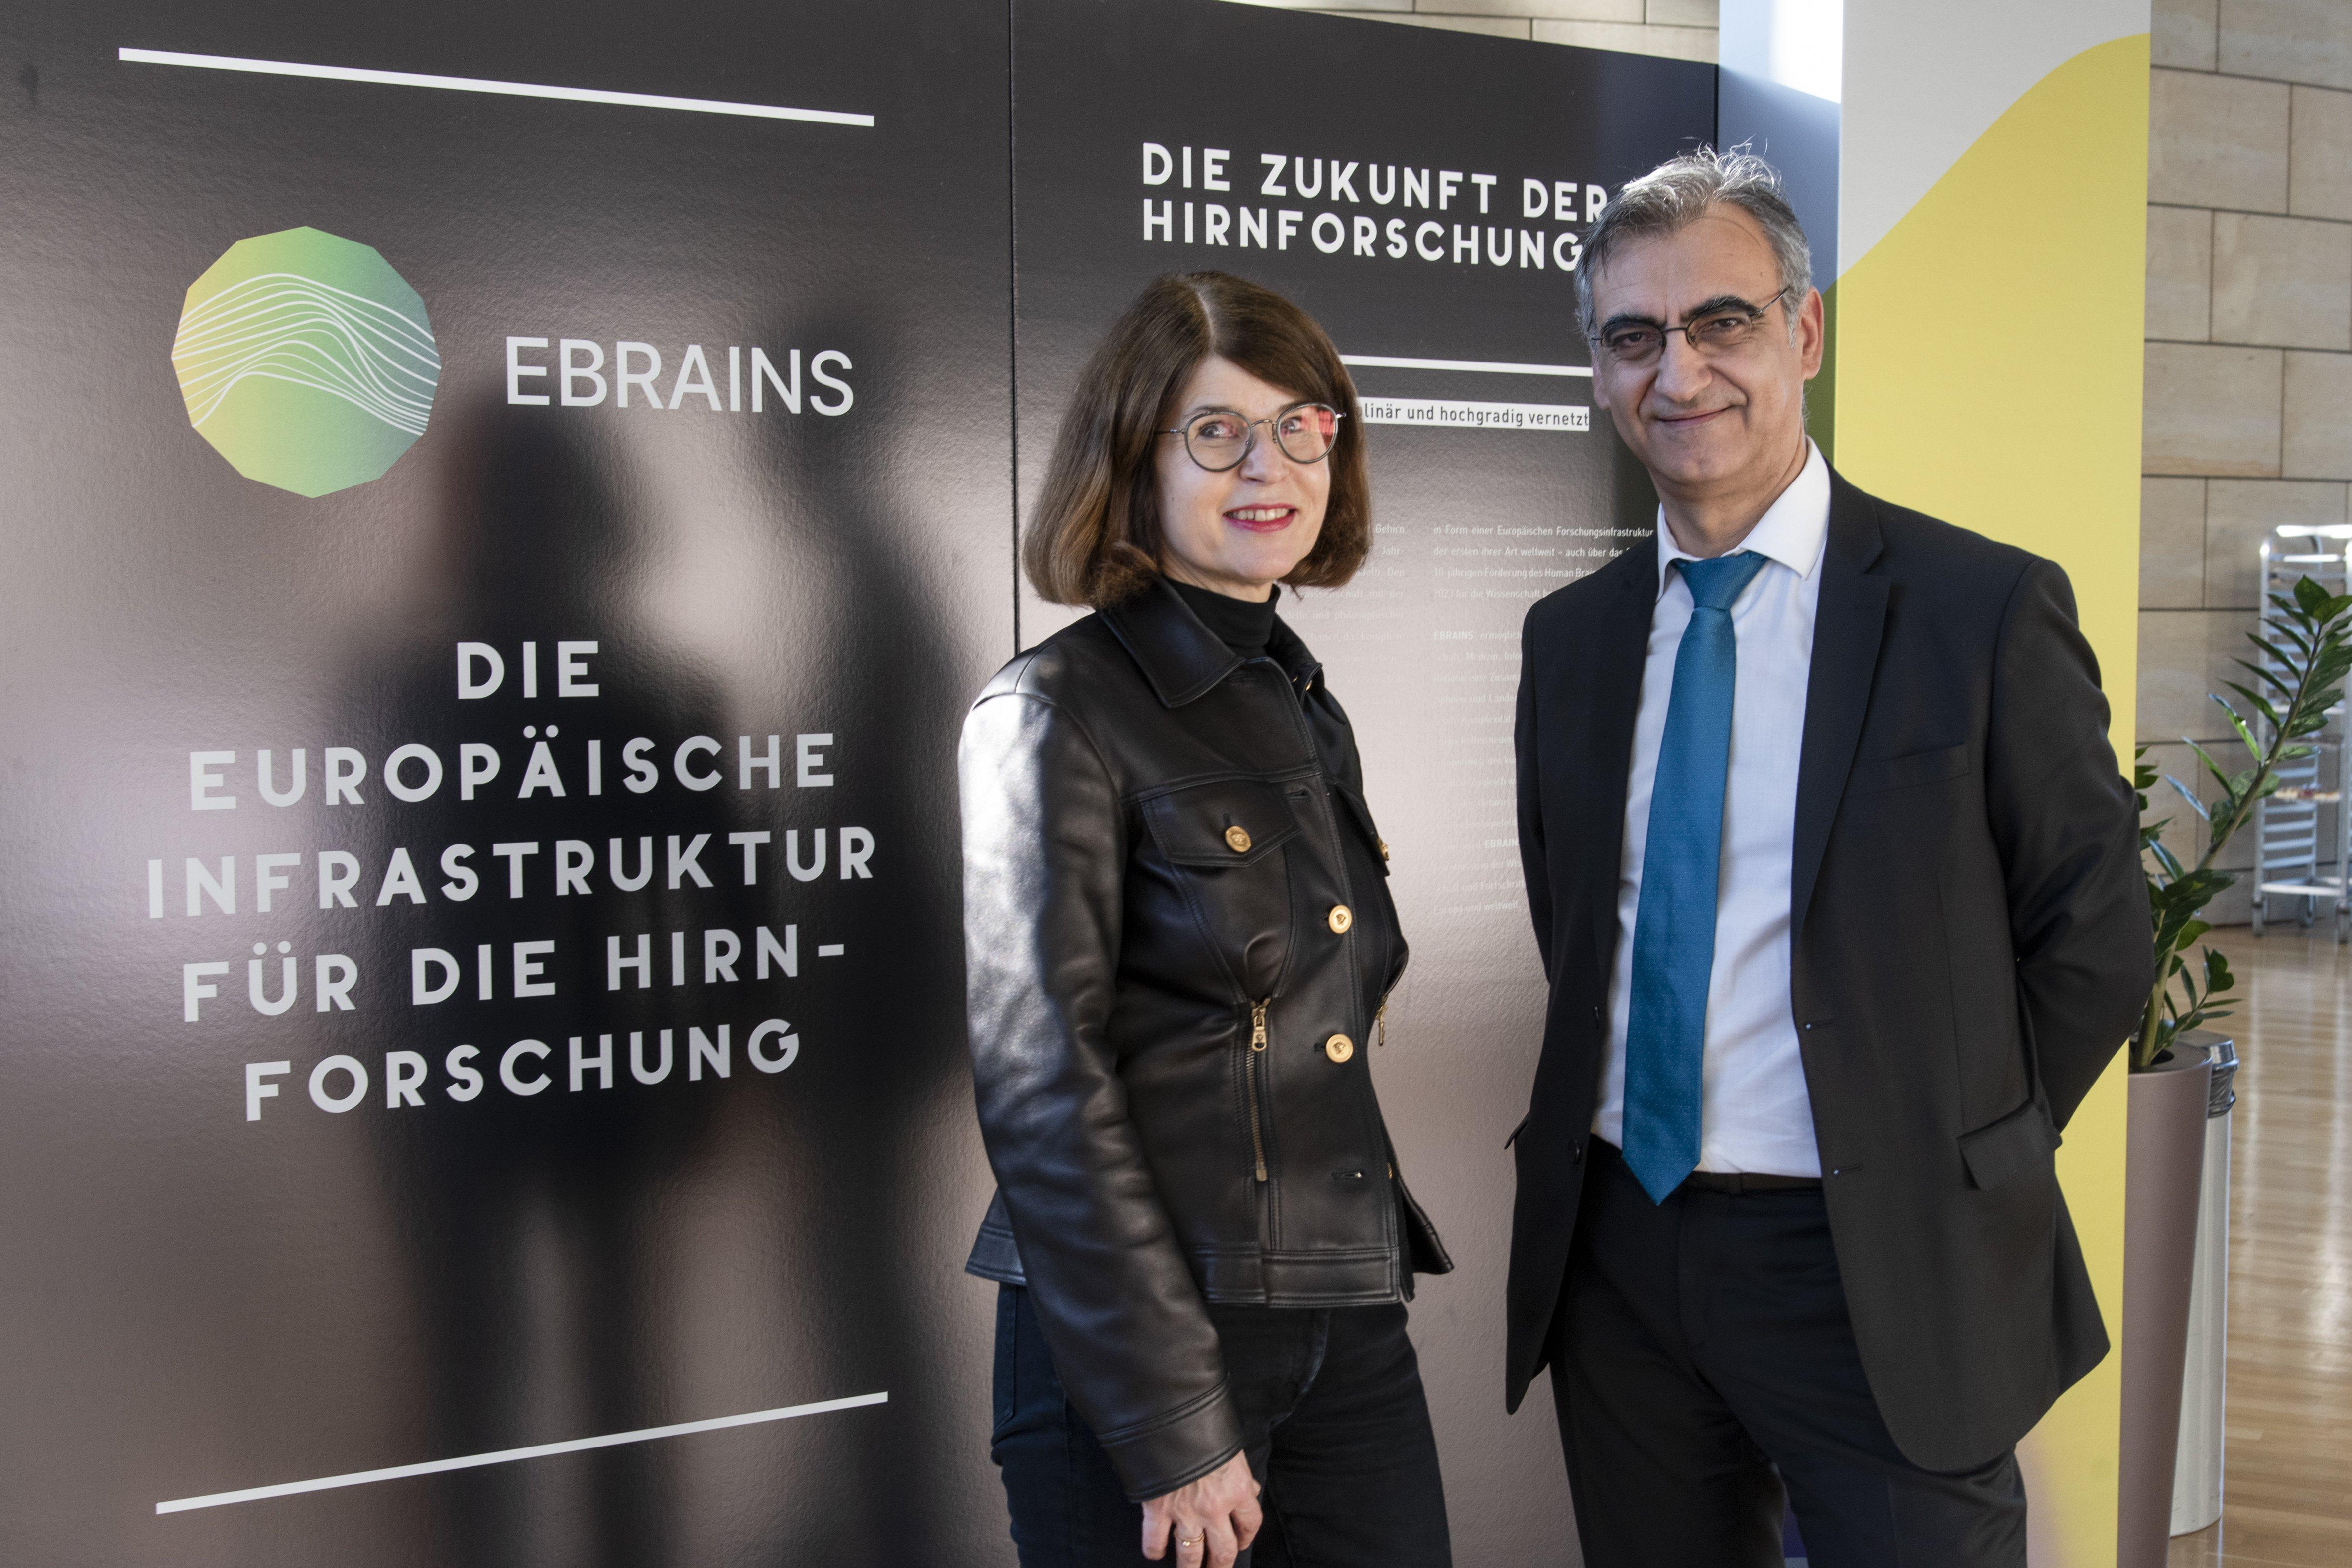 106 Faszination Gehirn_Landtag Ddorf.JPG